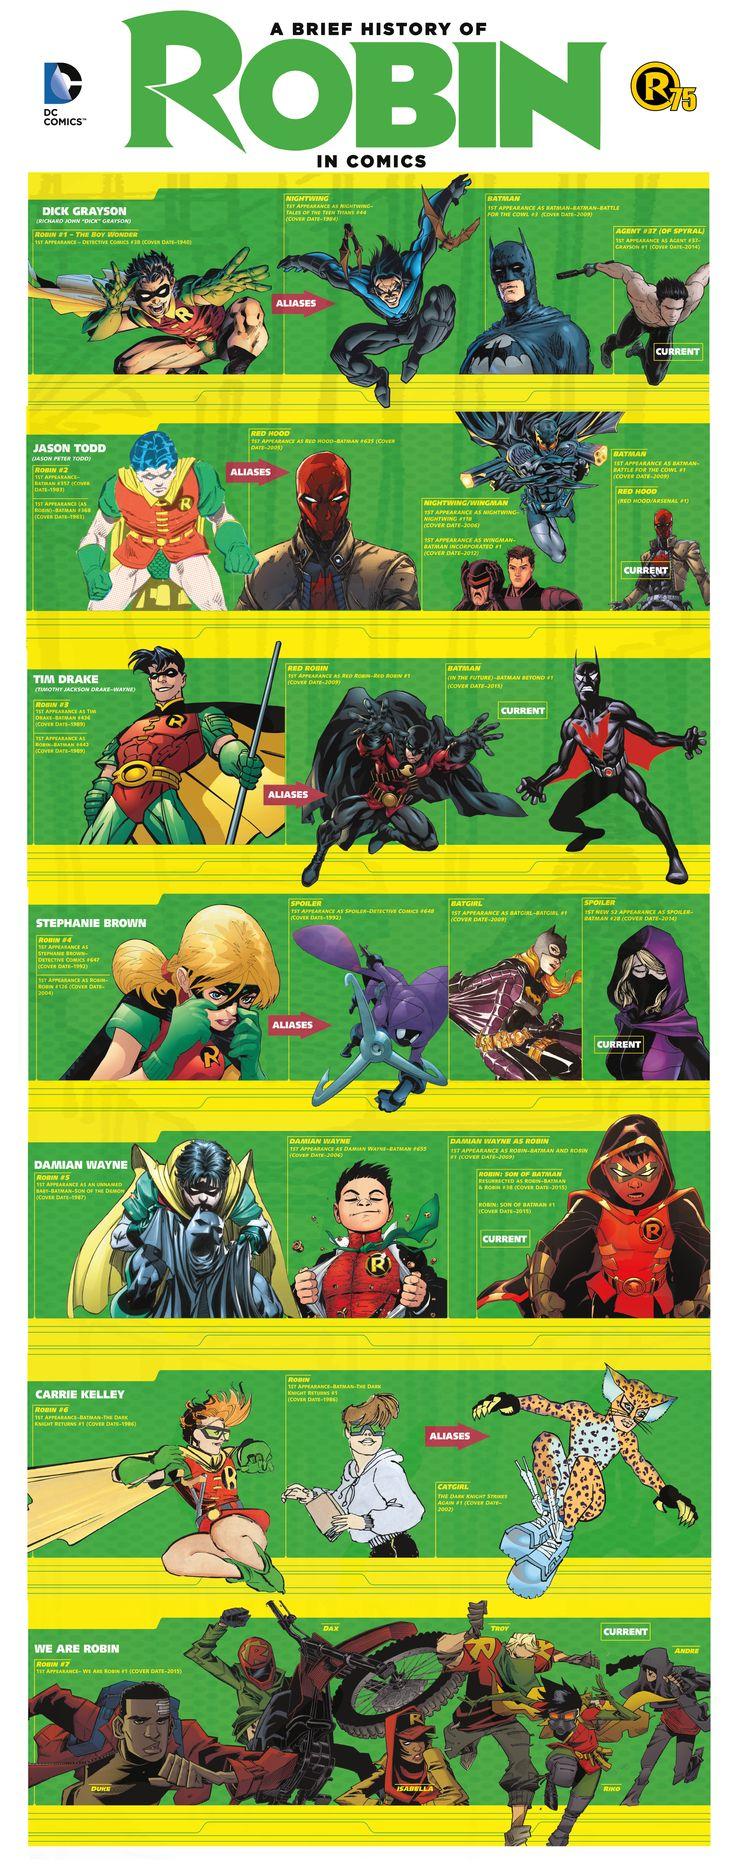 A-brief-history-of-Robin-Comics.png 2,219×5,646 pixels